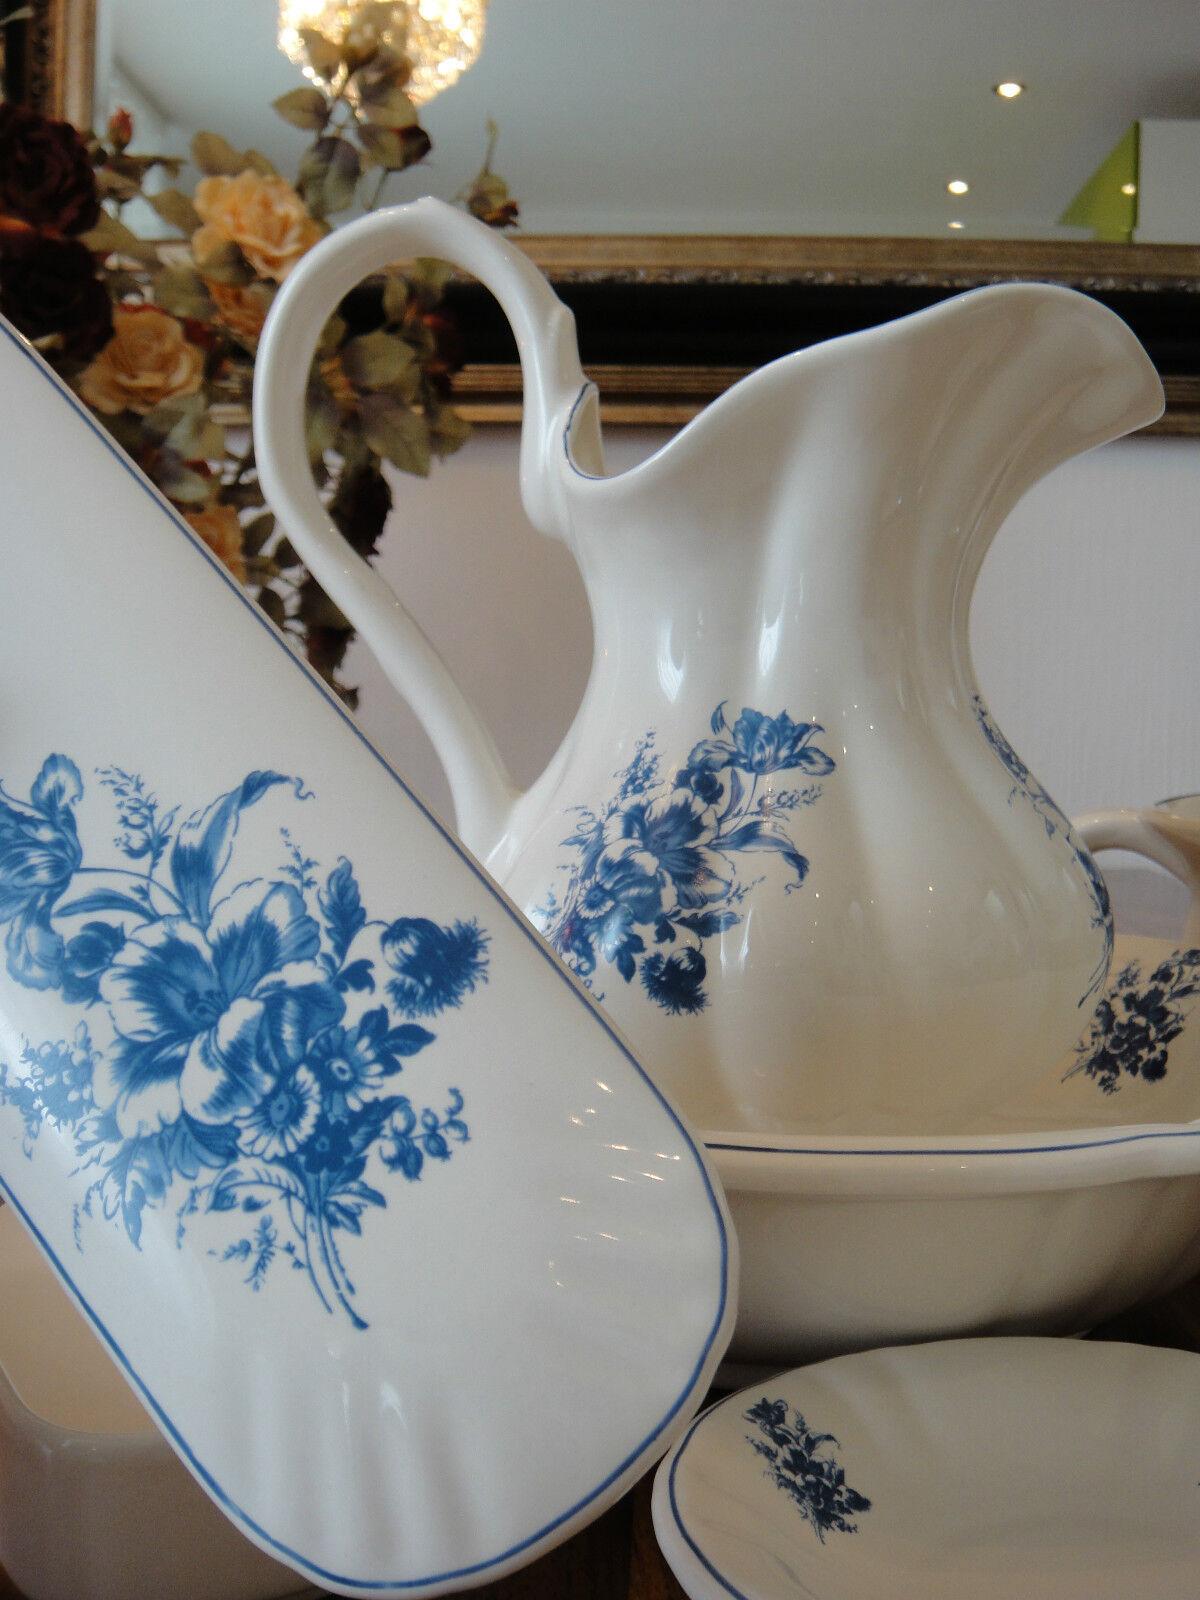 Porzellan Wasch-Set Antik Wasserkanne Schüssel Seifenschale Nachttopf Dose Krug